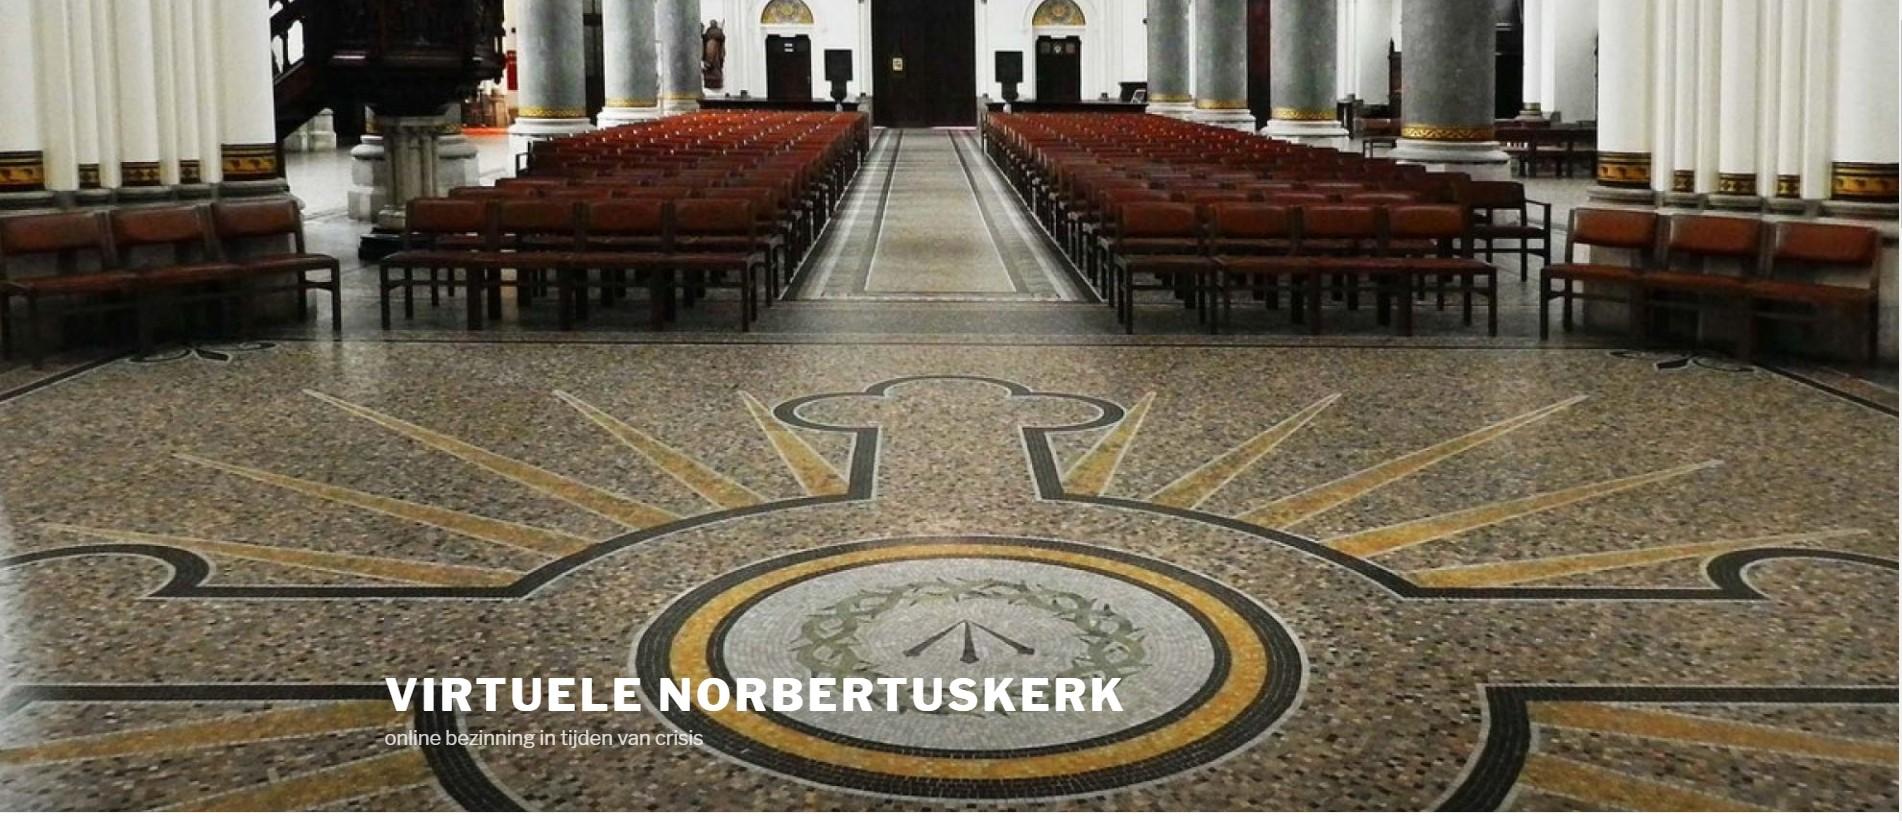 Frans Van Looveren en Dick Wursten, Startpagina van de virtuele Sint-Norbertuskerk, FelixArchief, inv.nr 2886#1.